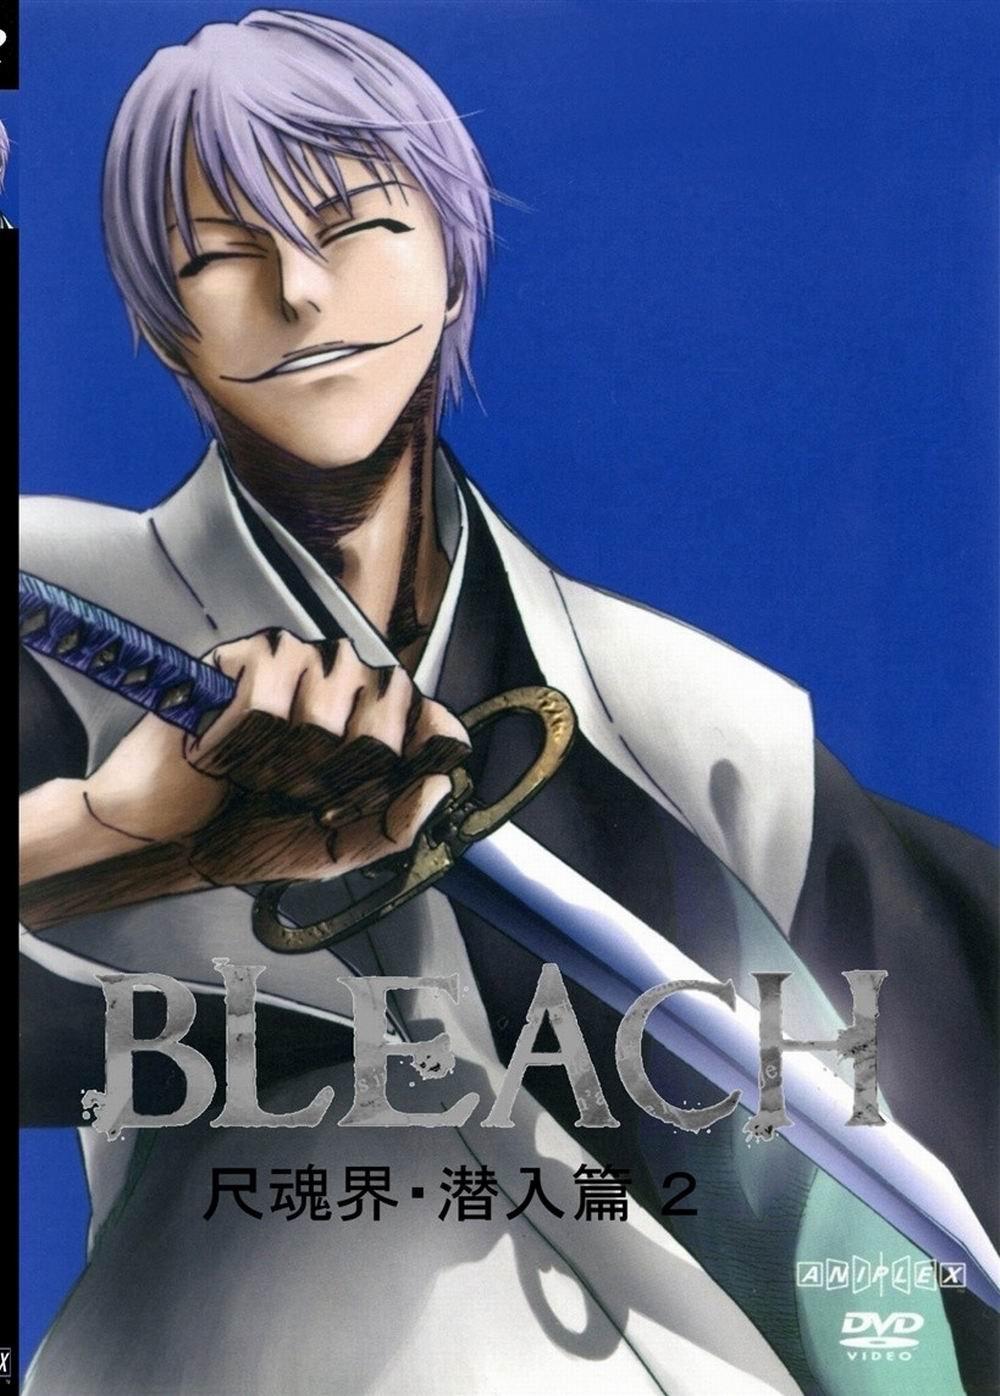 bleach6.jpg